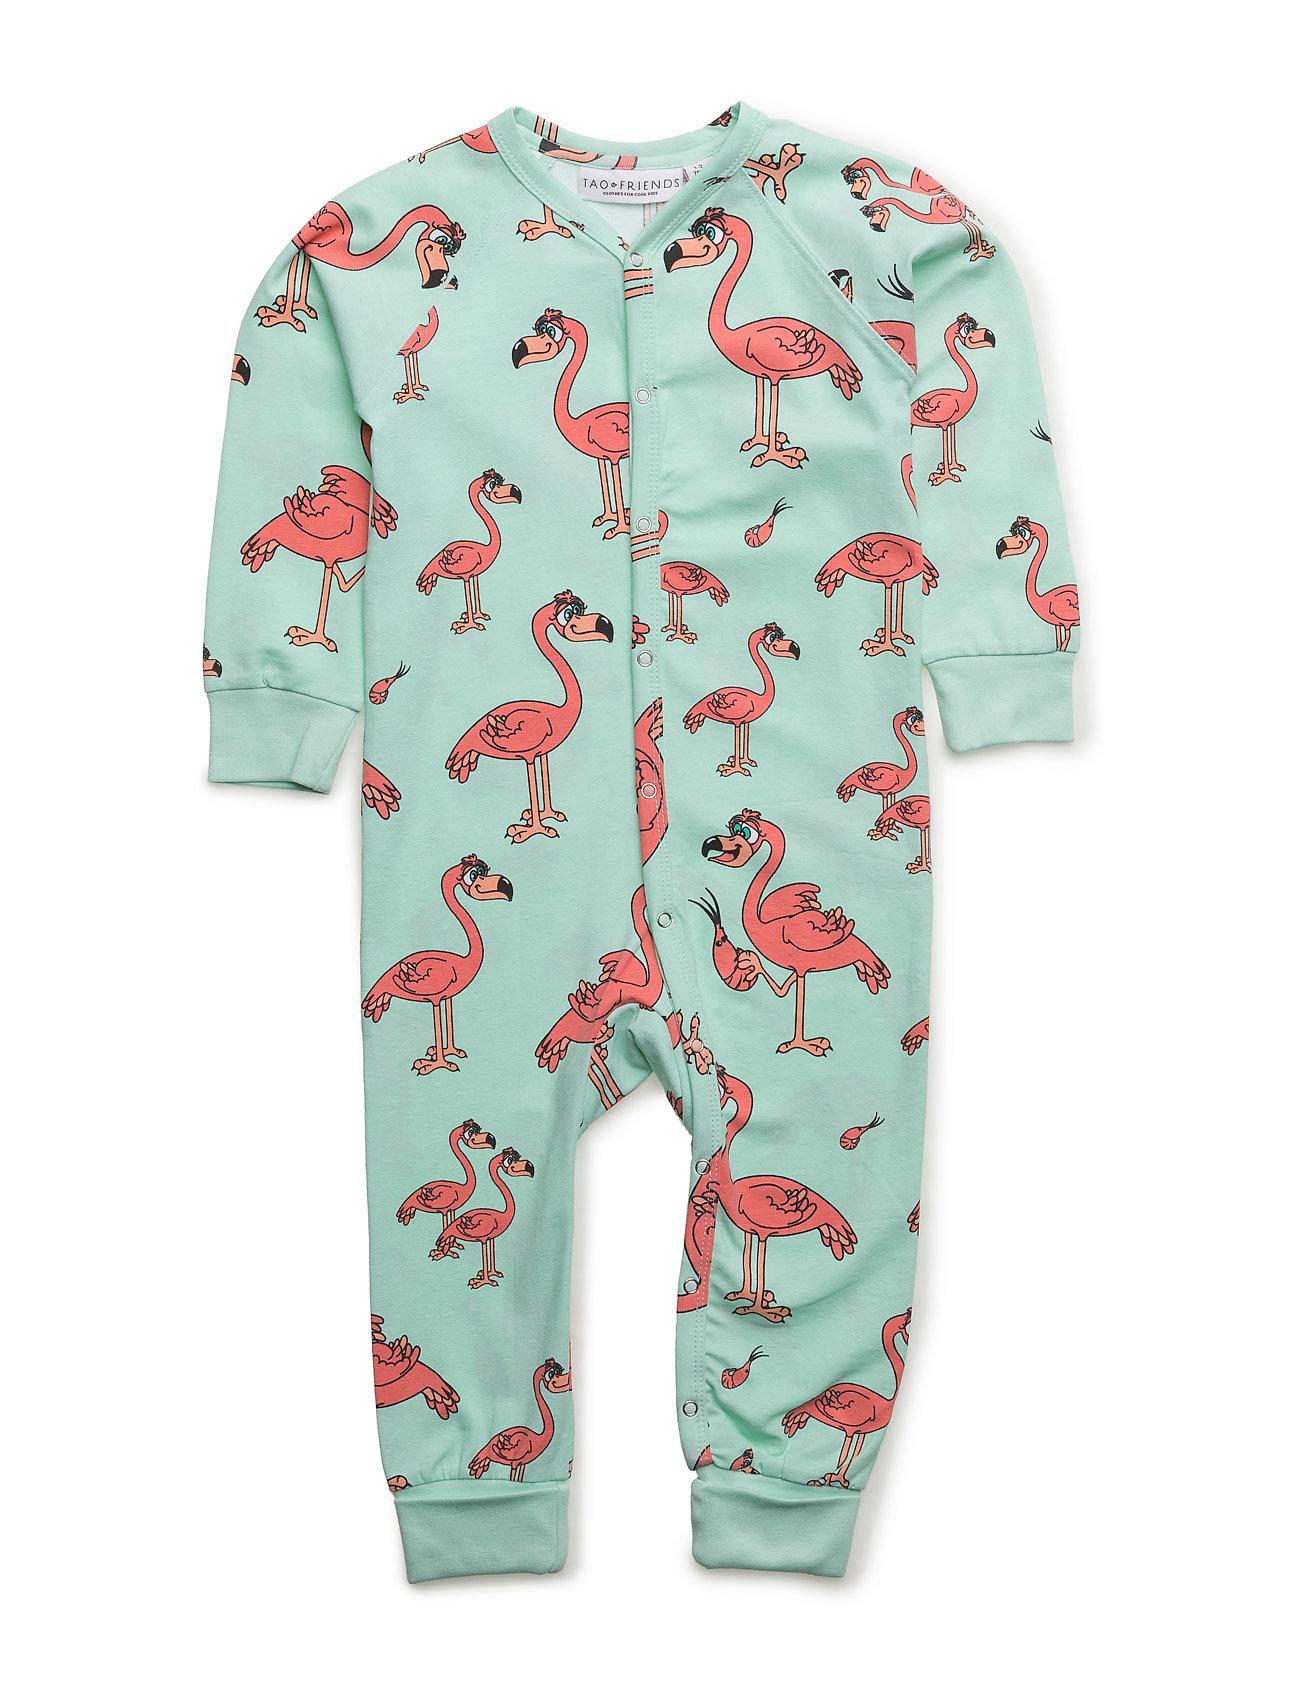 Pj Flamingon Multi-Animal Mint One-Piece Tao & friends Nat & Undertøj til Børn i